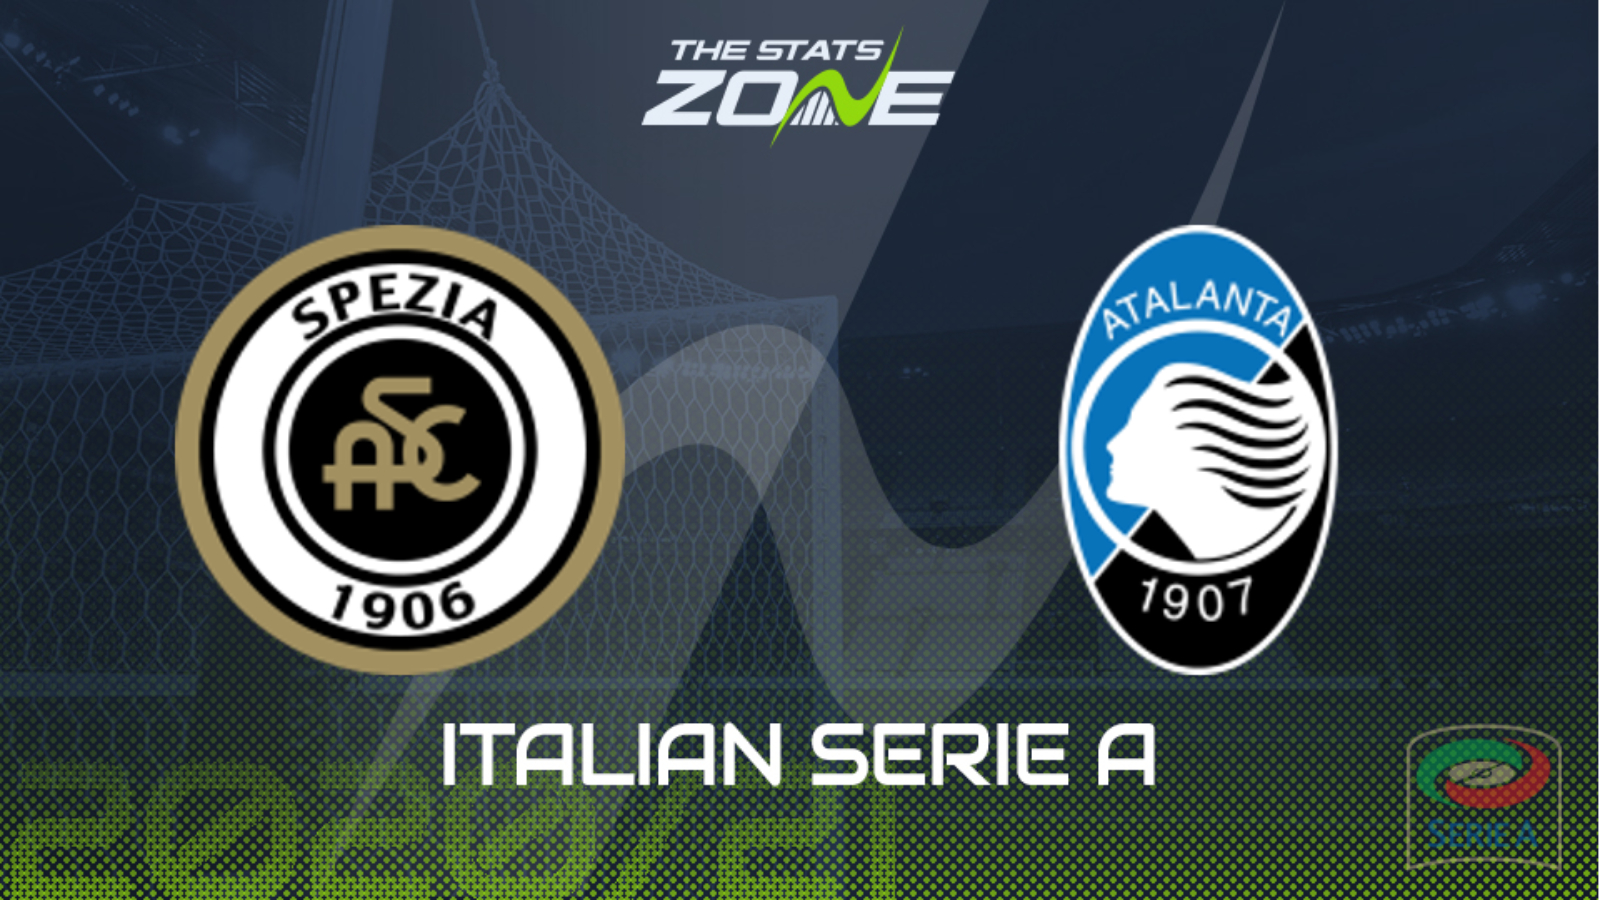 2020-21 Serie A – Spezia vs Atalanta Preview & Prediction - The Stats Zone